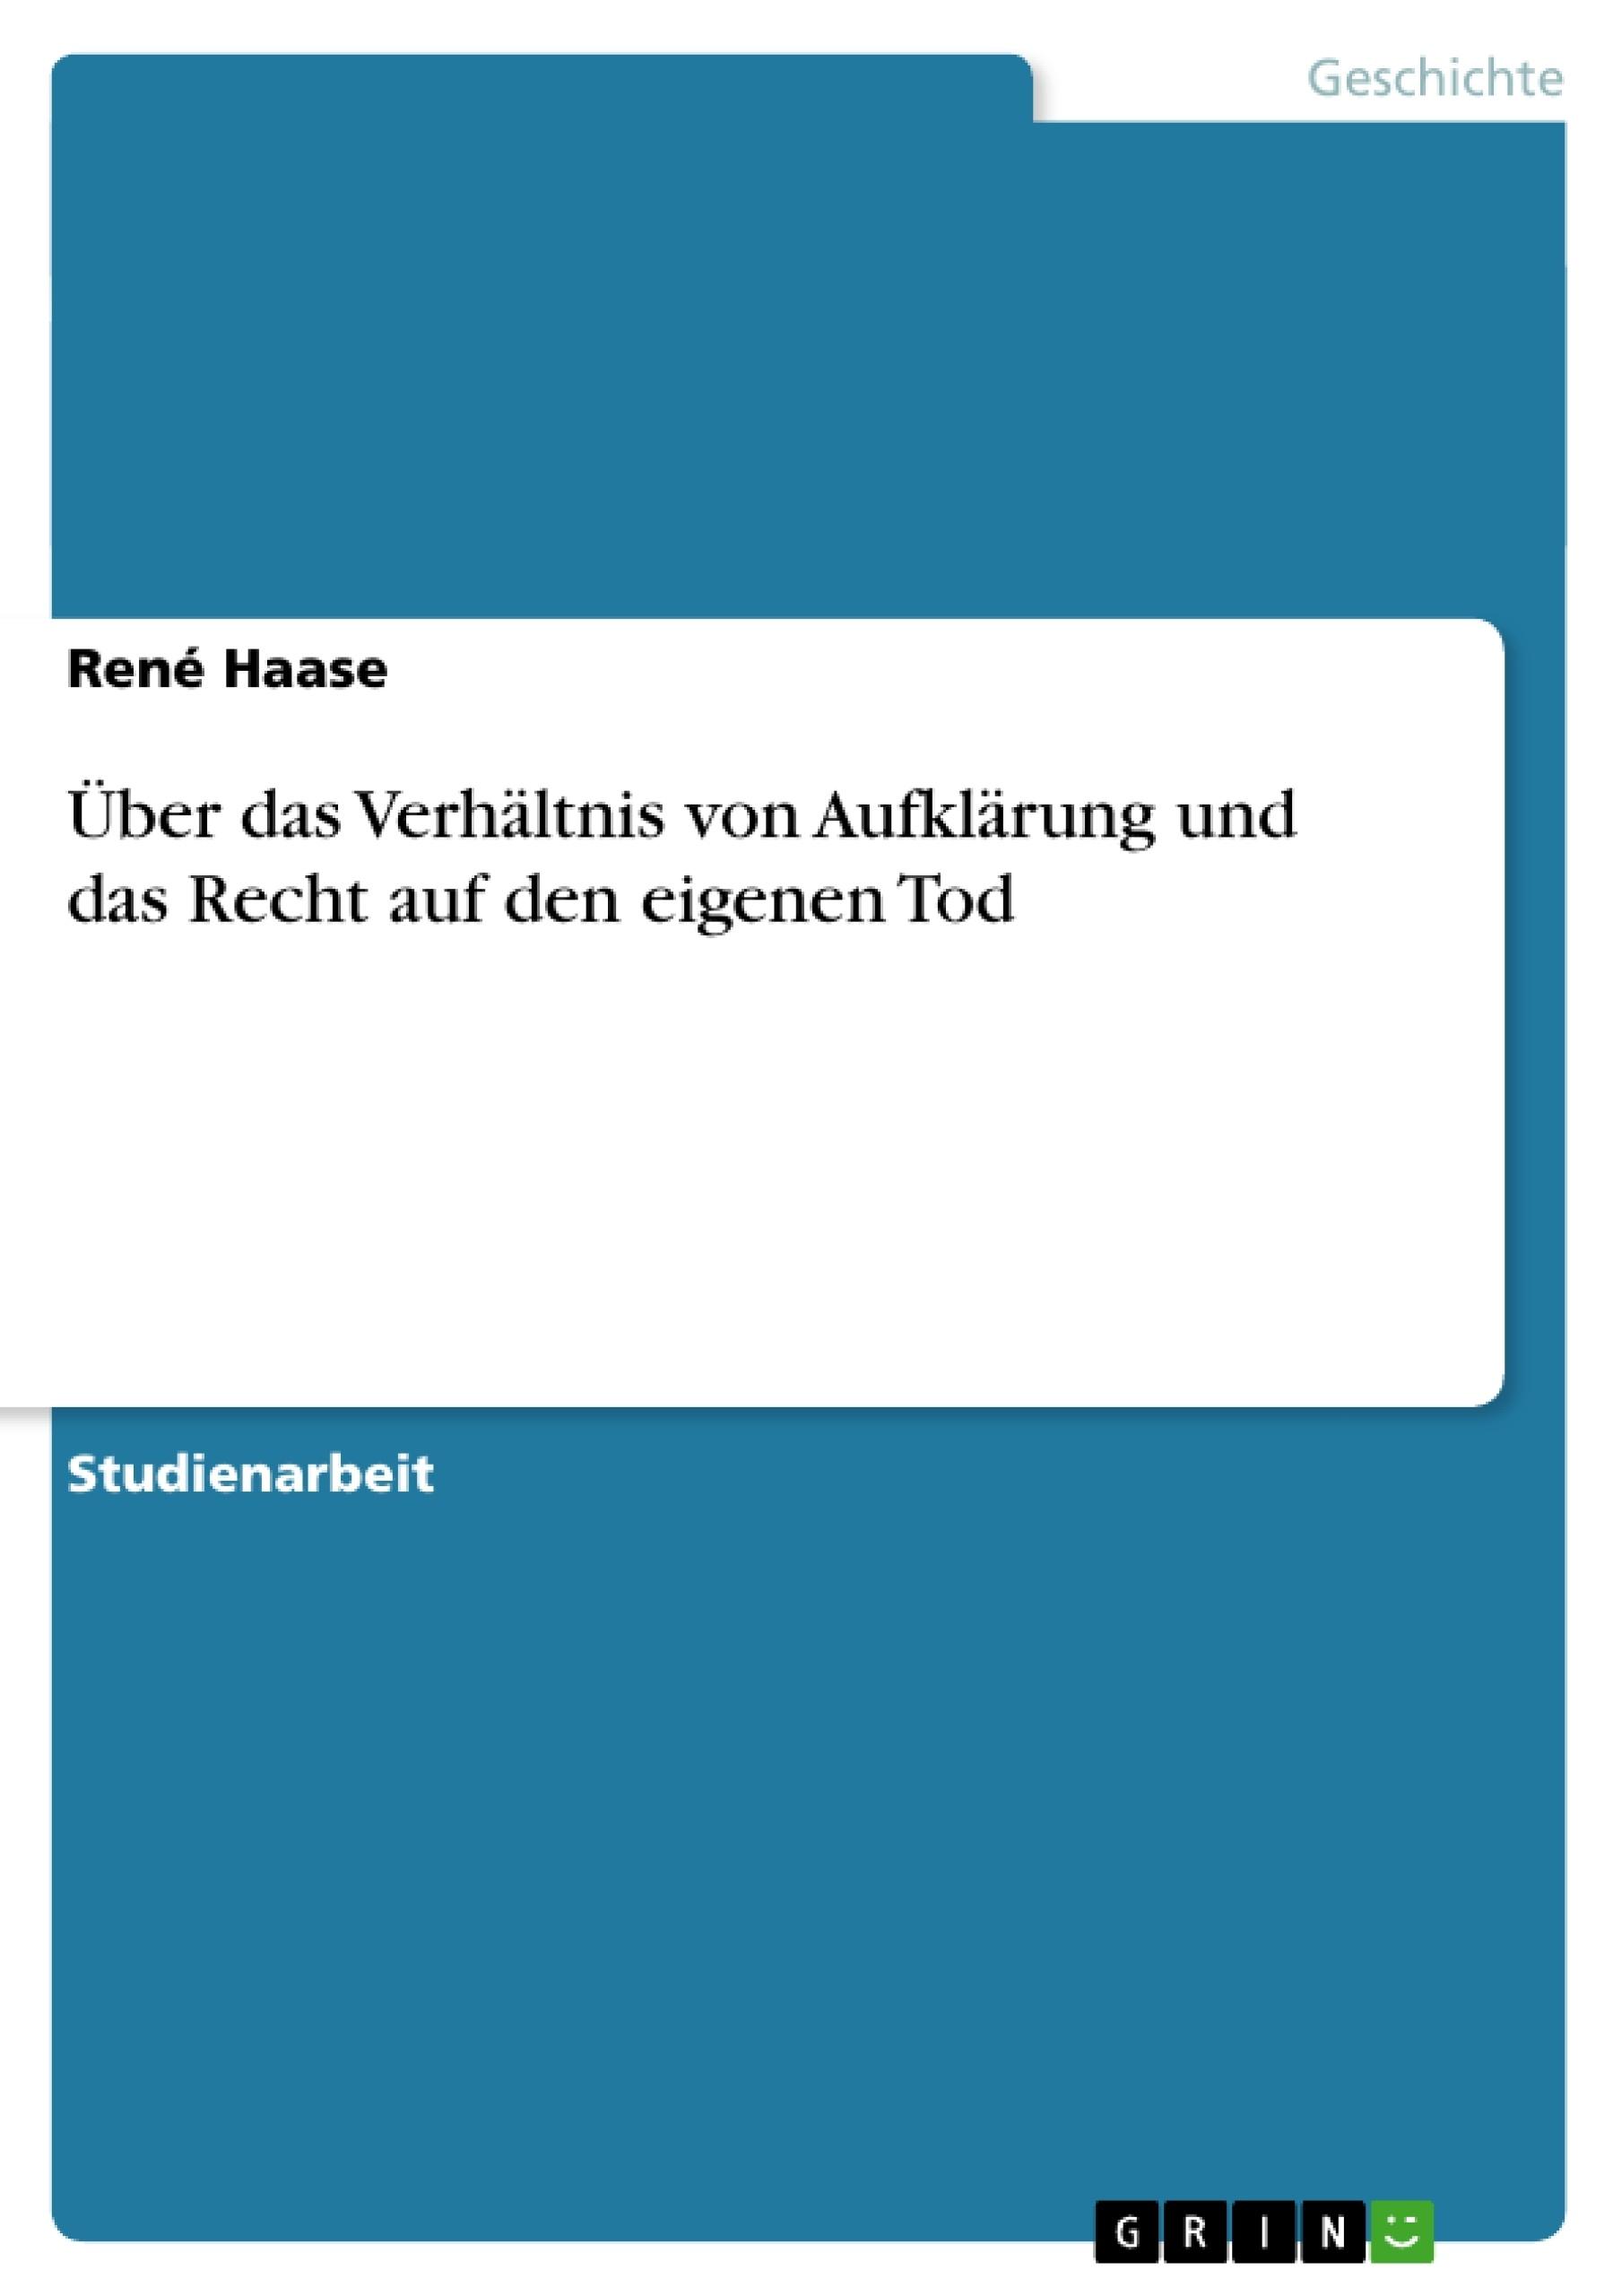 Titel: Über das Verhältnis von Aufklärung und das Recht auf den eigenen Tod